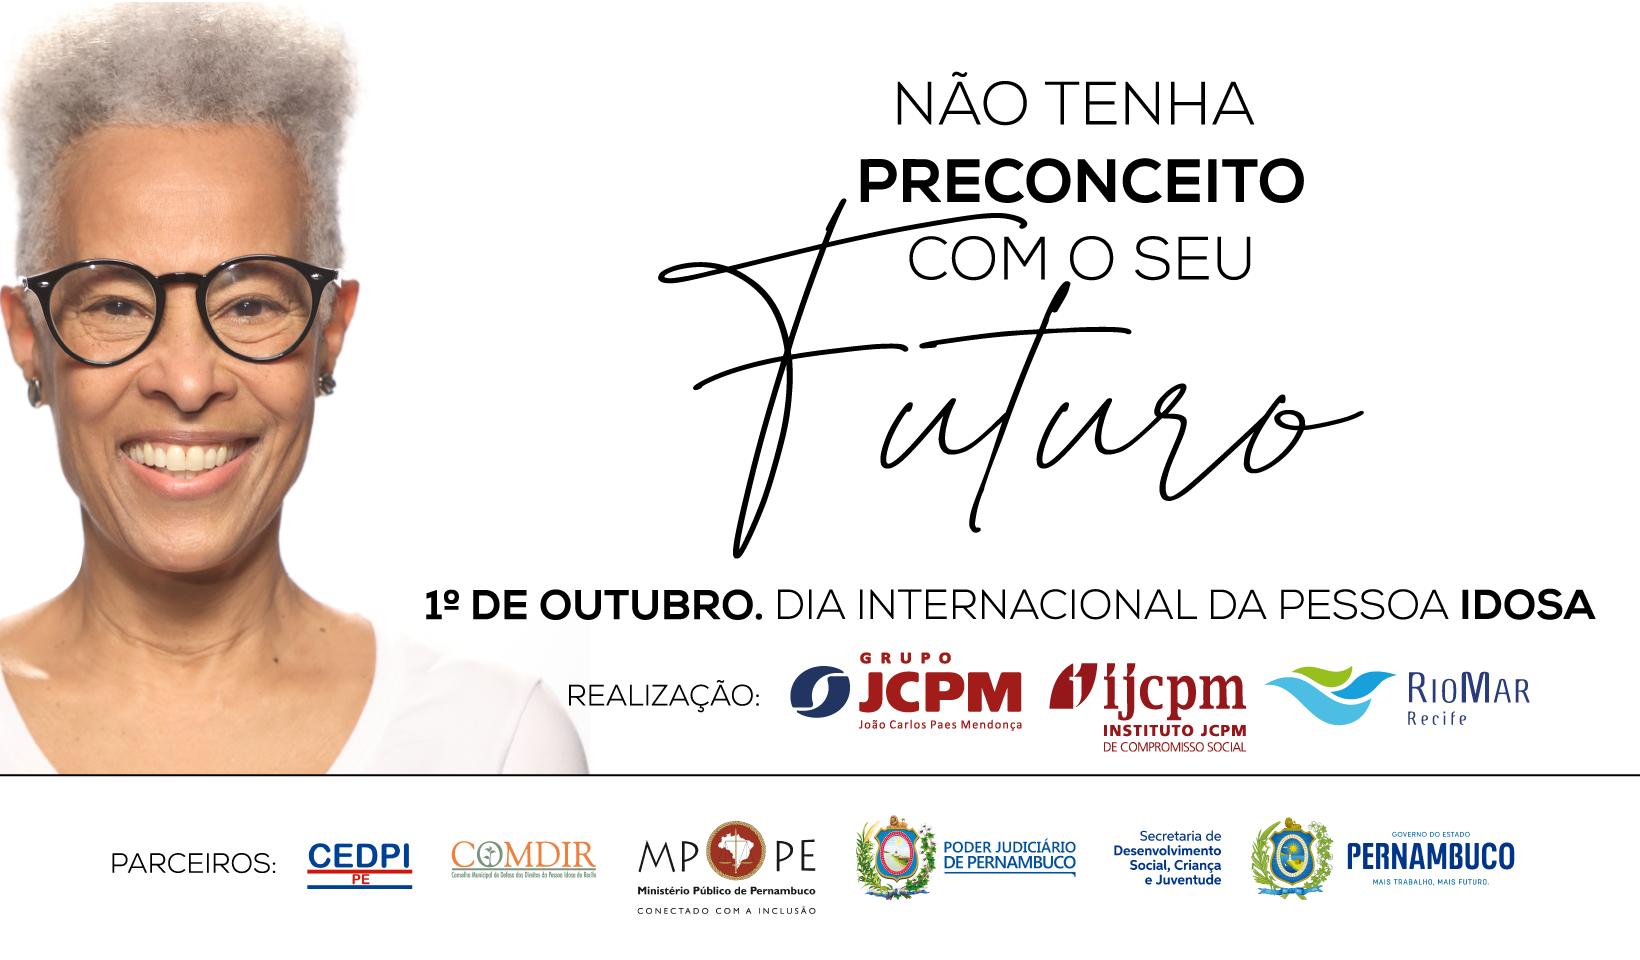 Grupo JCPM lança campanha de valorização da pessoa idosa